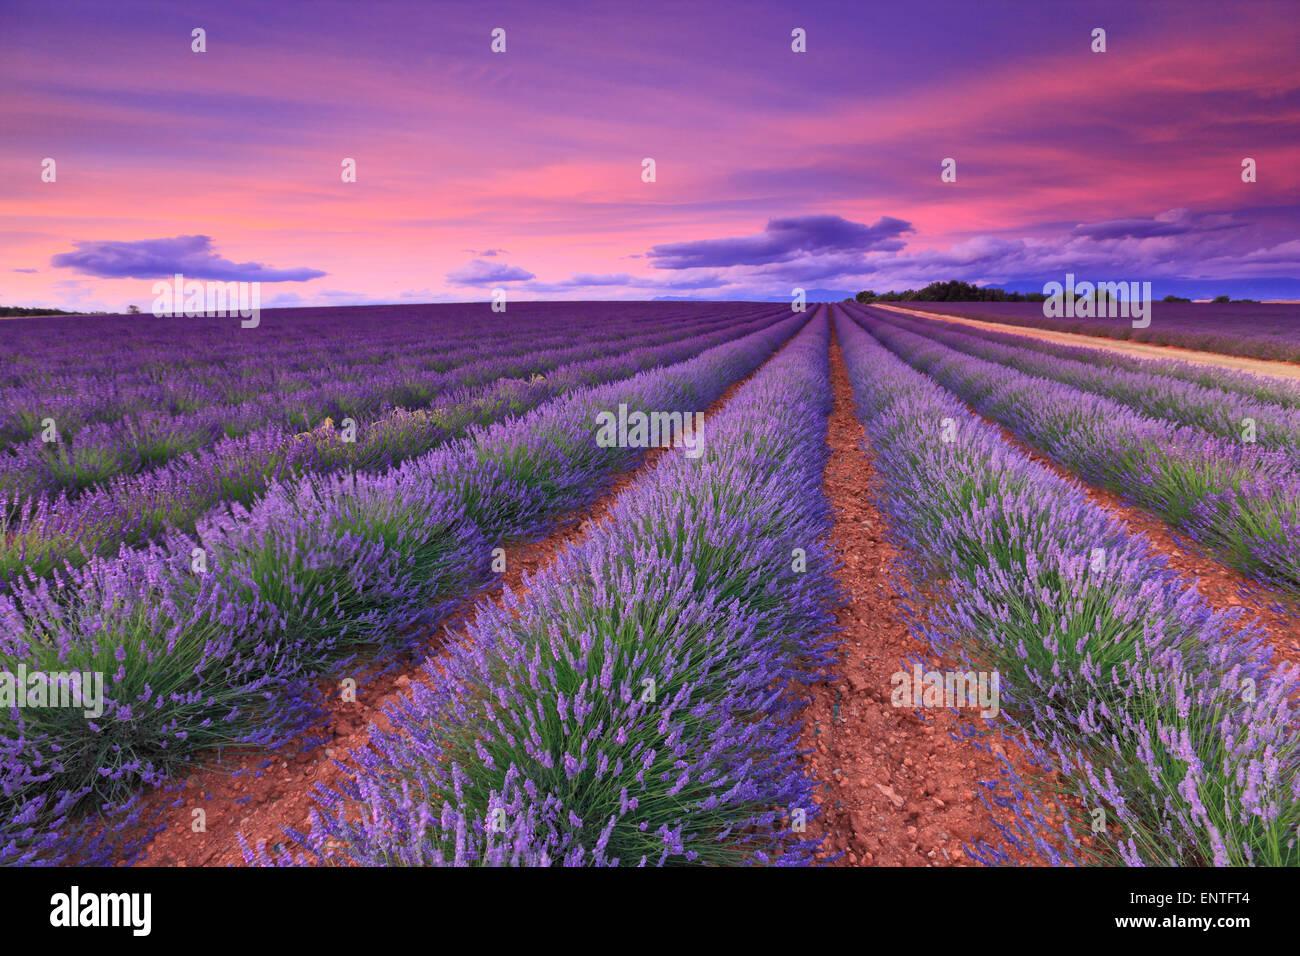 Lavendel-Feld mit rosa Wolke Sonnenuntergang. Frankreich, Provence. Stockbild